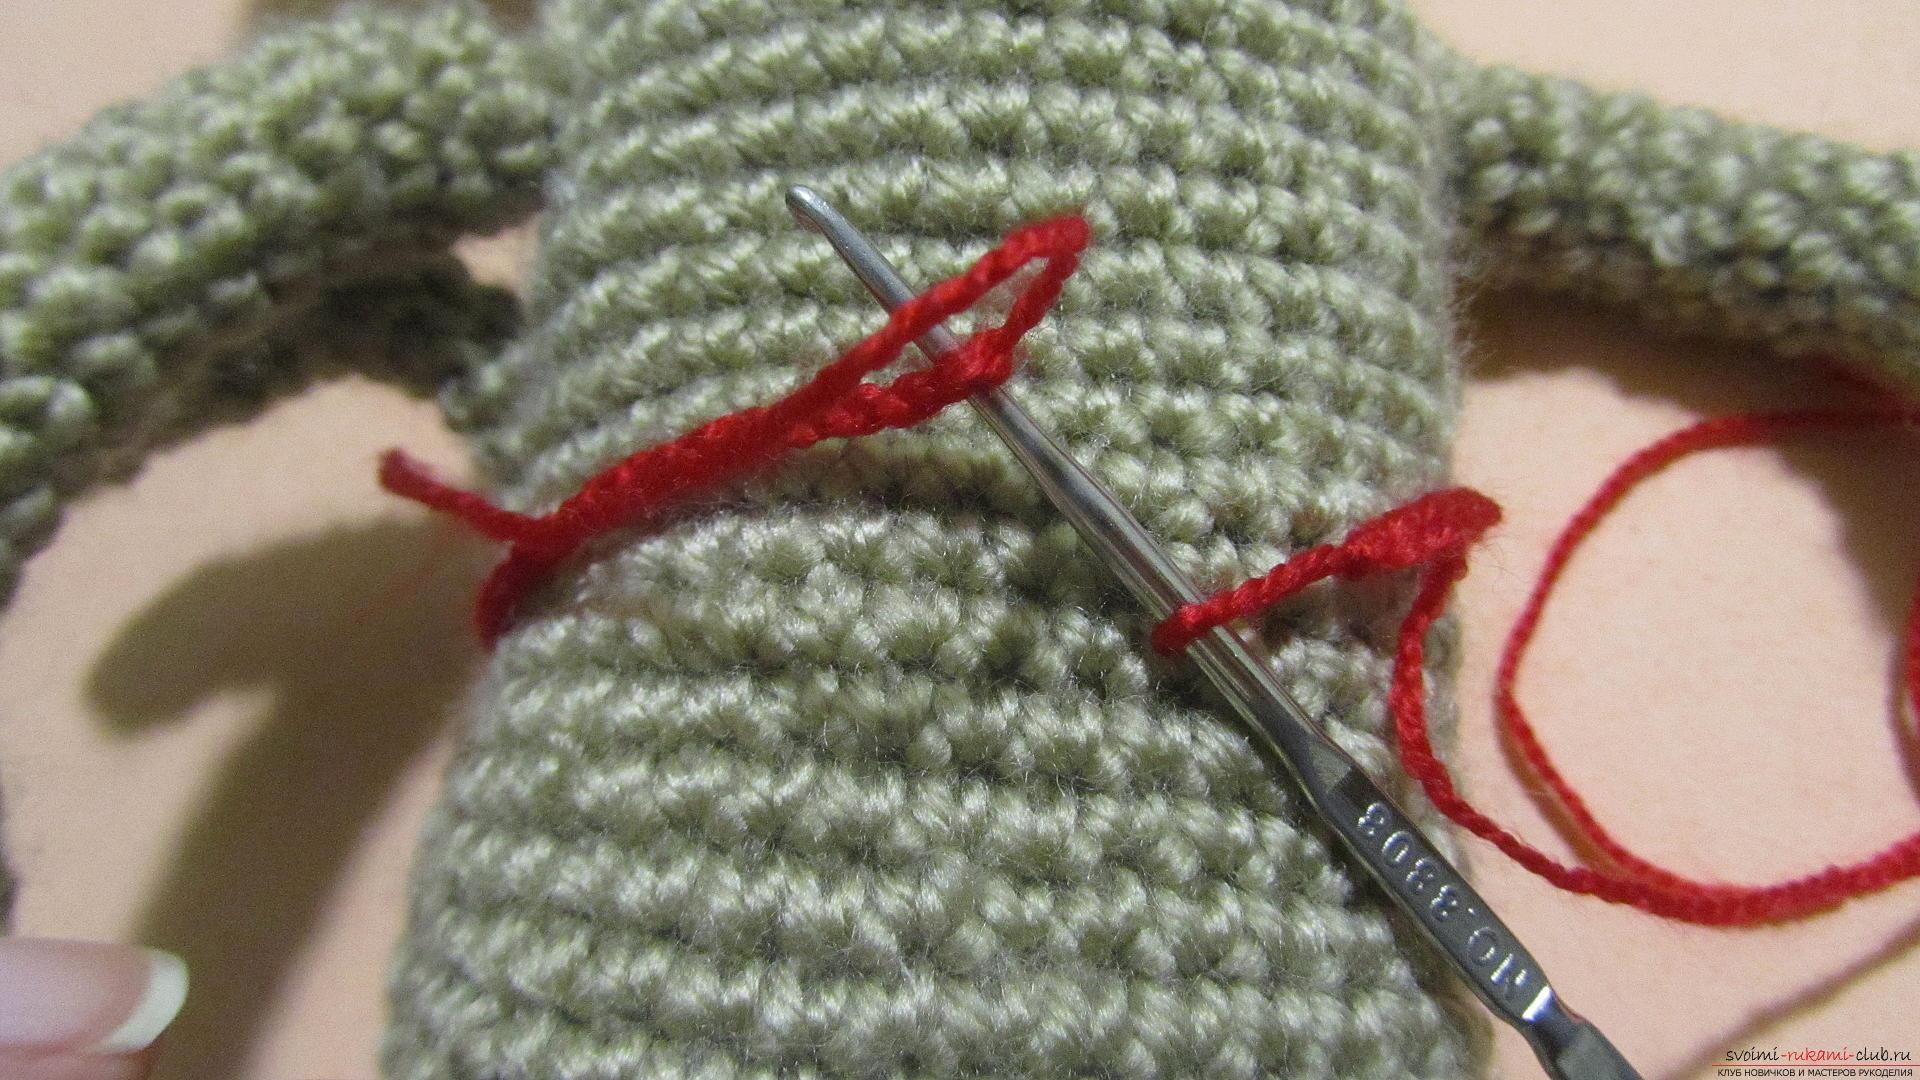 Одежду для мягких игрушек можно связать крючком своими руками, будем одевать игрушечную обезьянку.. Фото №2